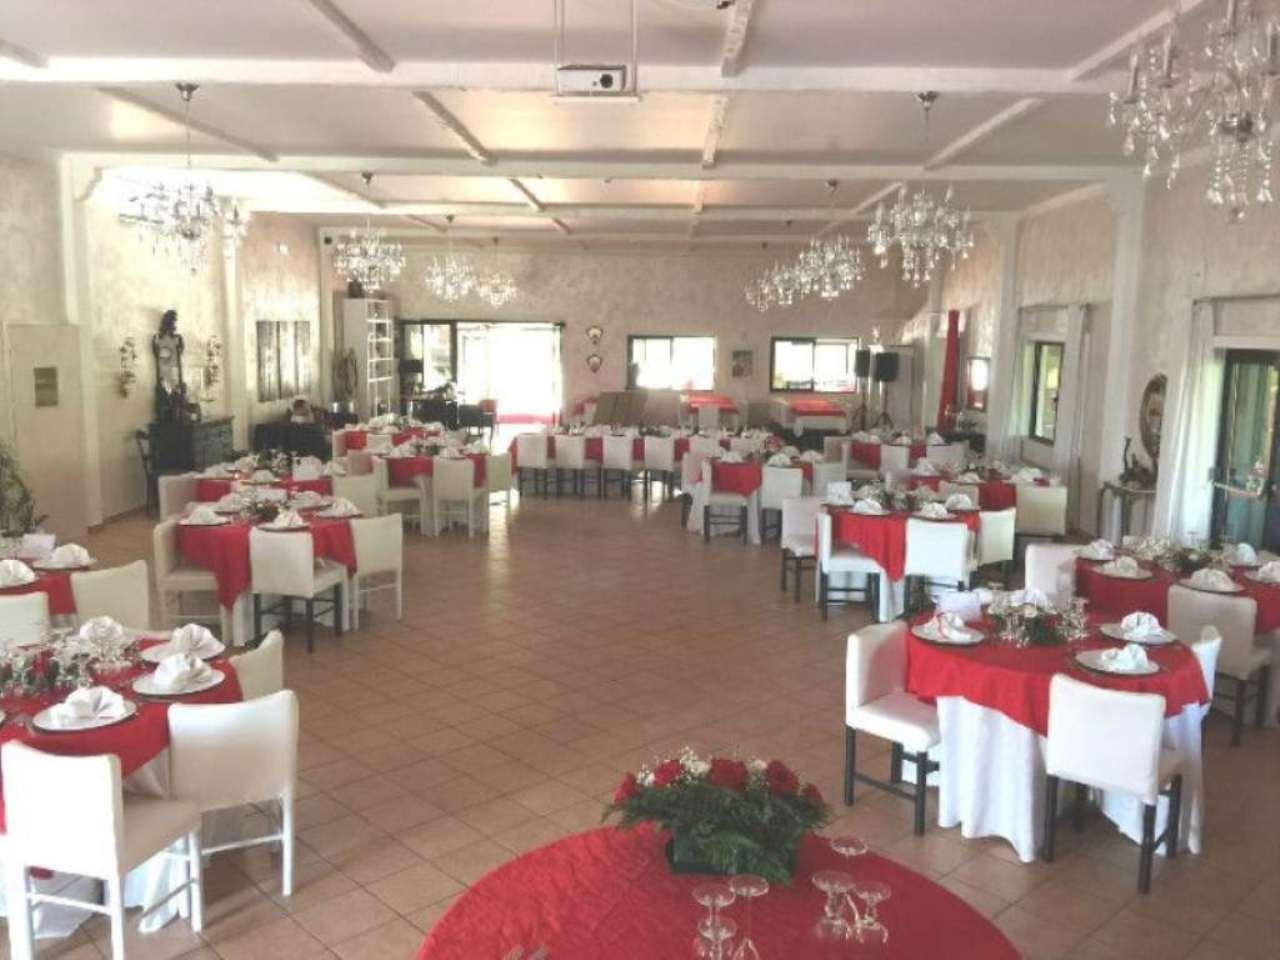 Immobile Commerciale in vendita a San Felice Circeo, 3 locali, Trattative riservate | Cambio Casa.it